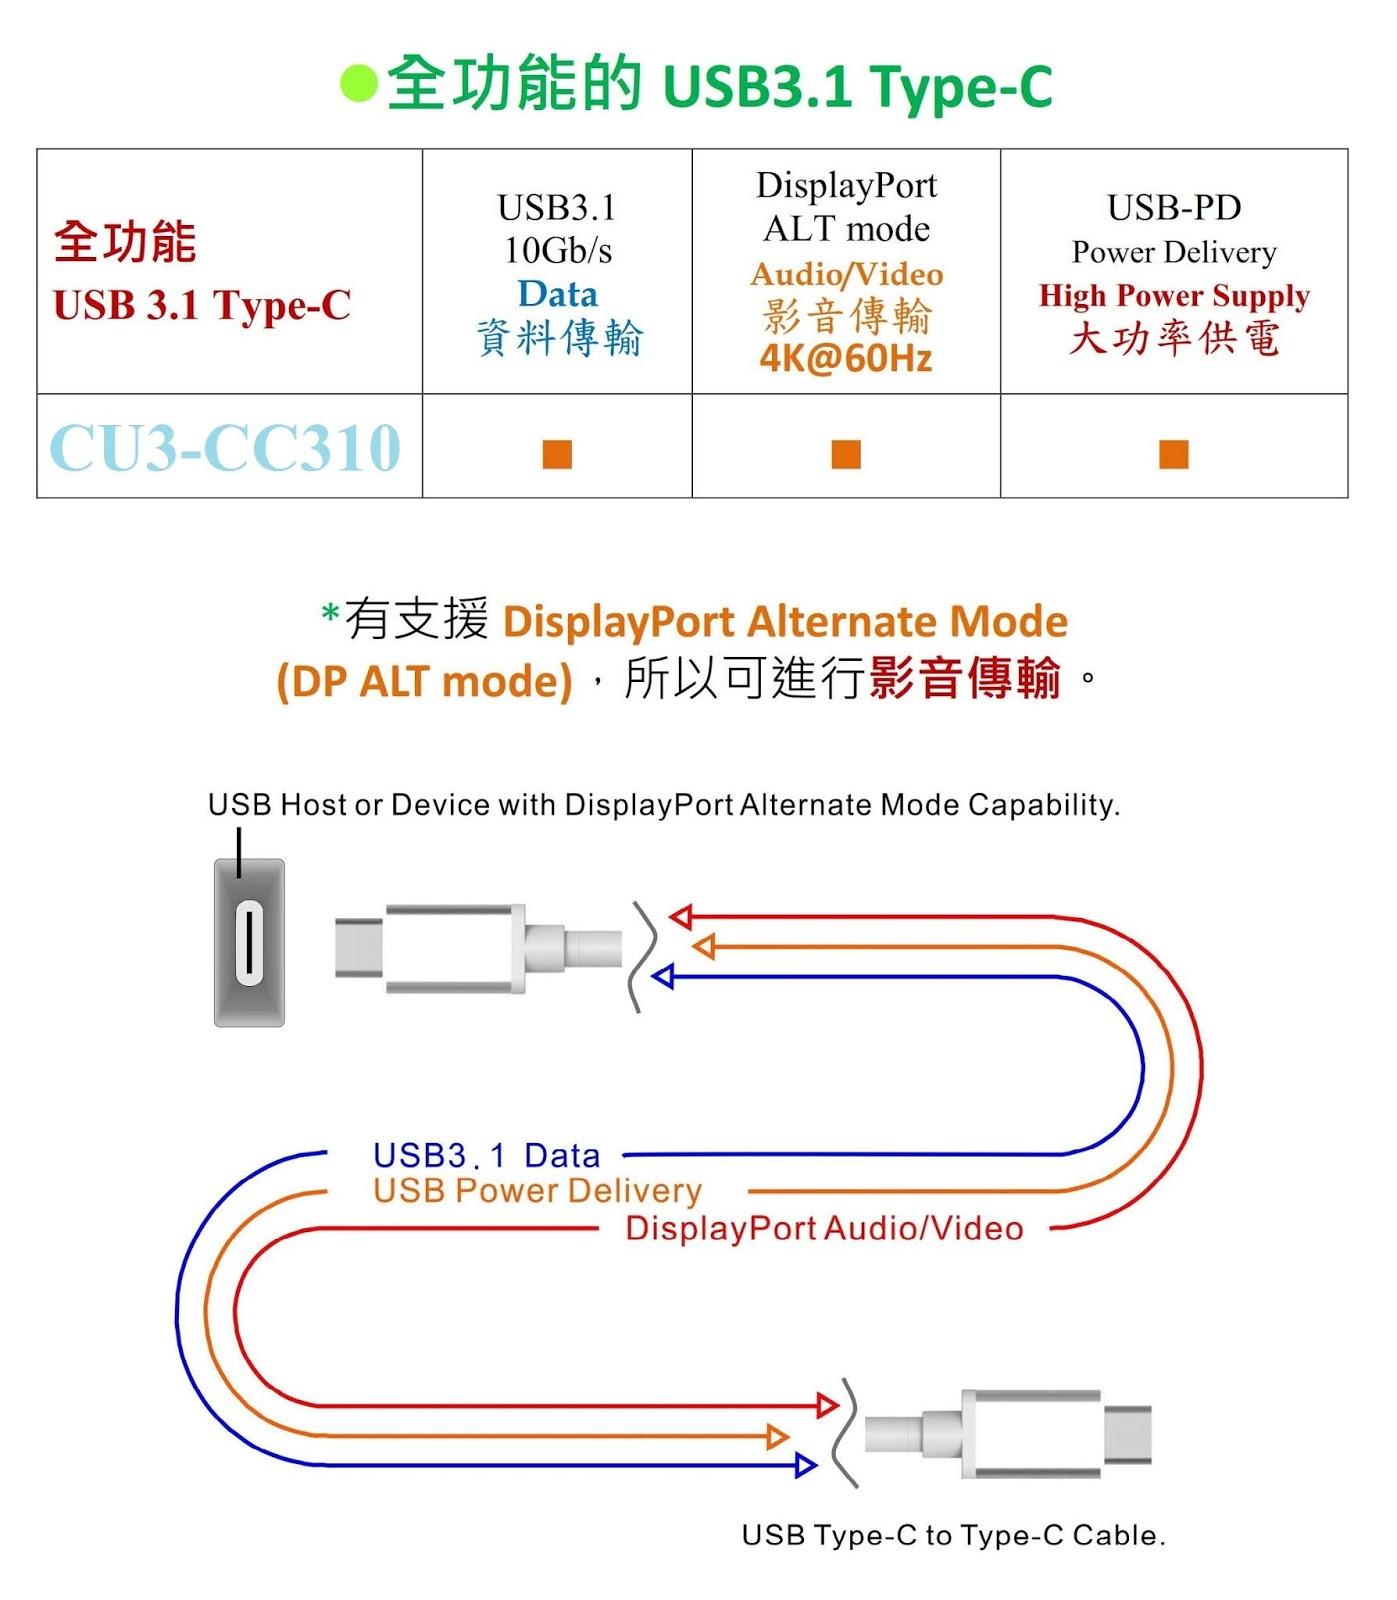 [ 股票一張48萬的IC設計公司「祥碩」。要買怎樣的傳輸線??]